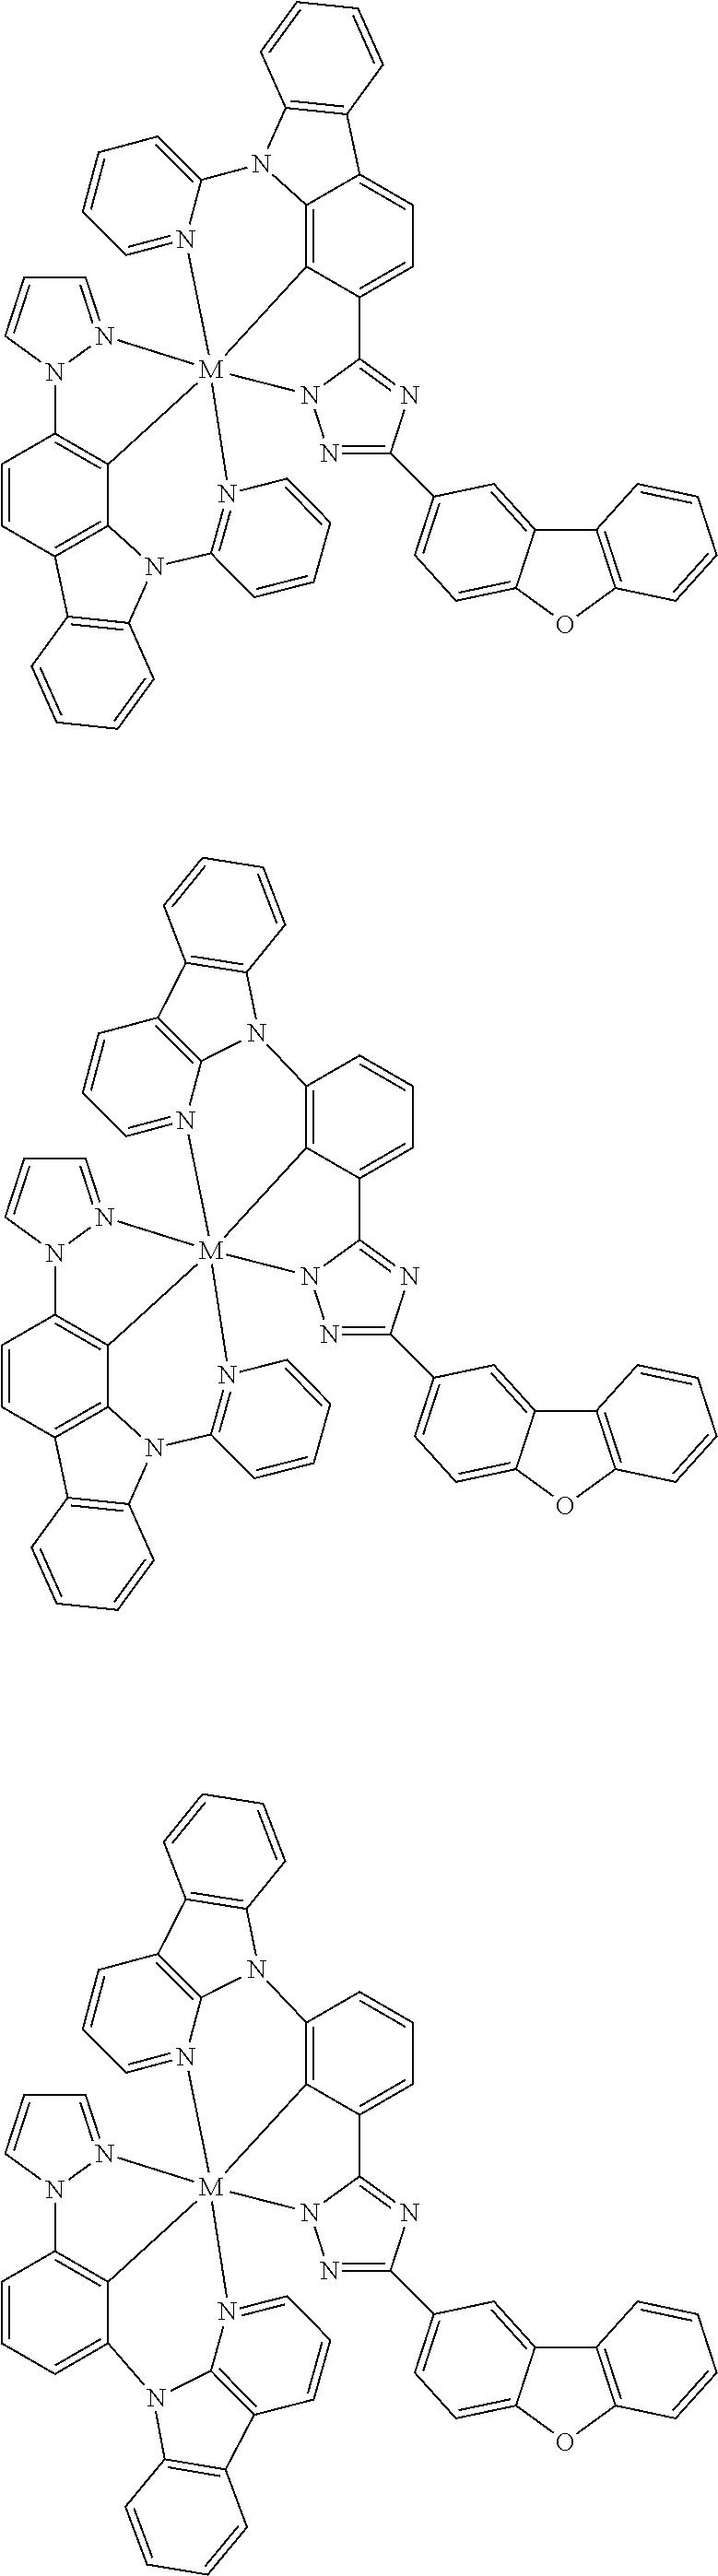 Figure US09818959-20171114-C00290